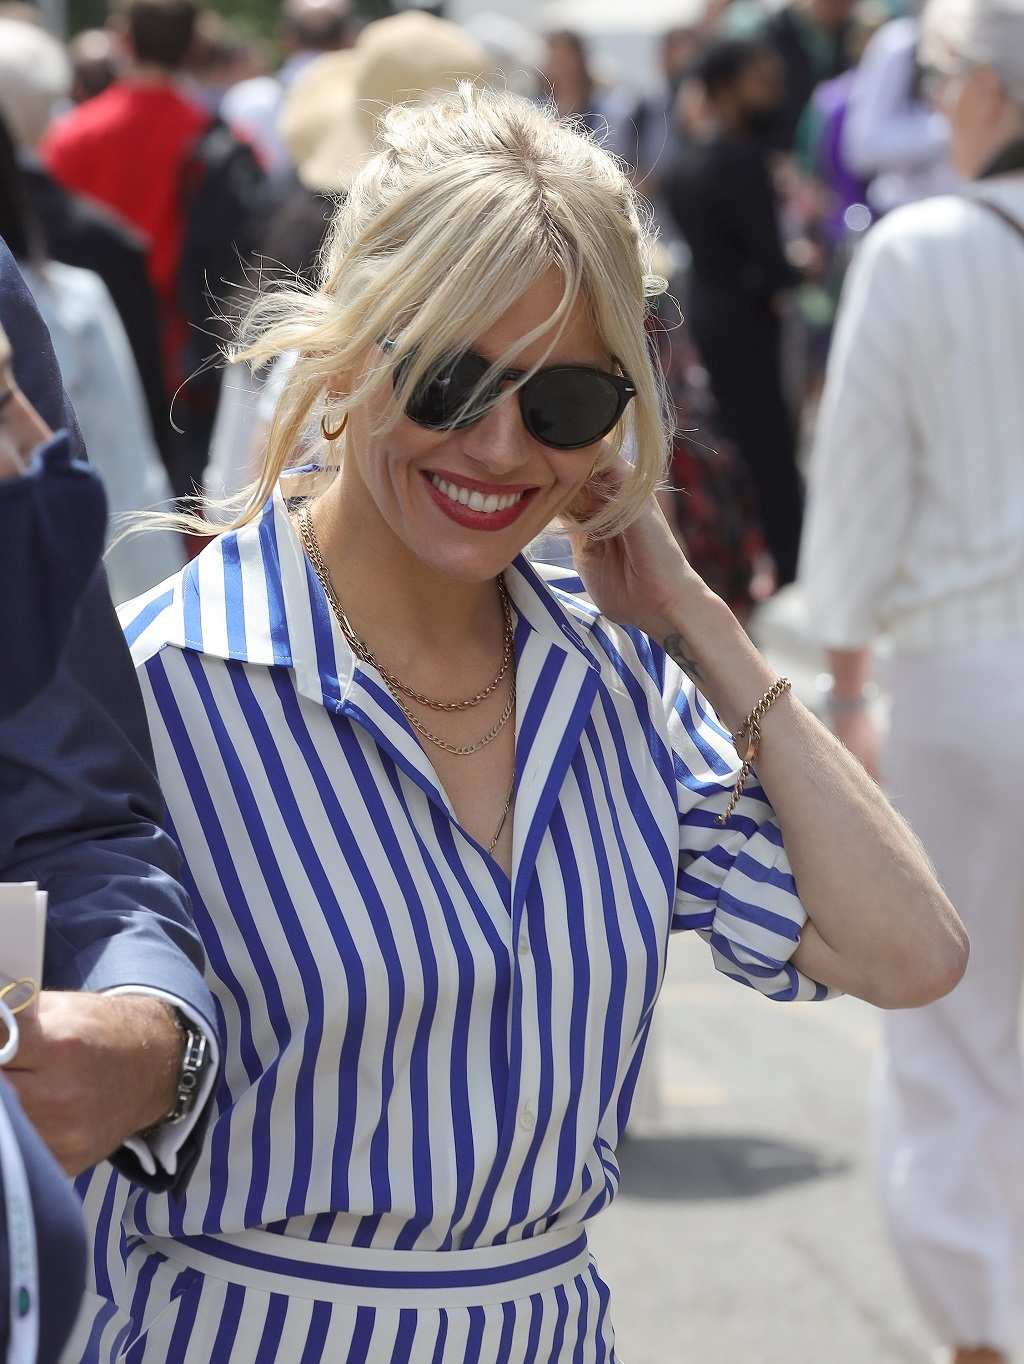 Acompañada de su amigo (aunque ya se rumoréa que es su nueva pareja) Archie Keswick, Sienna Miller no ha faltado a una de sus citas favoritas del año: Wimbledon. Foto: Getty.